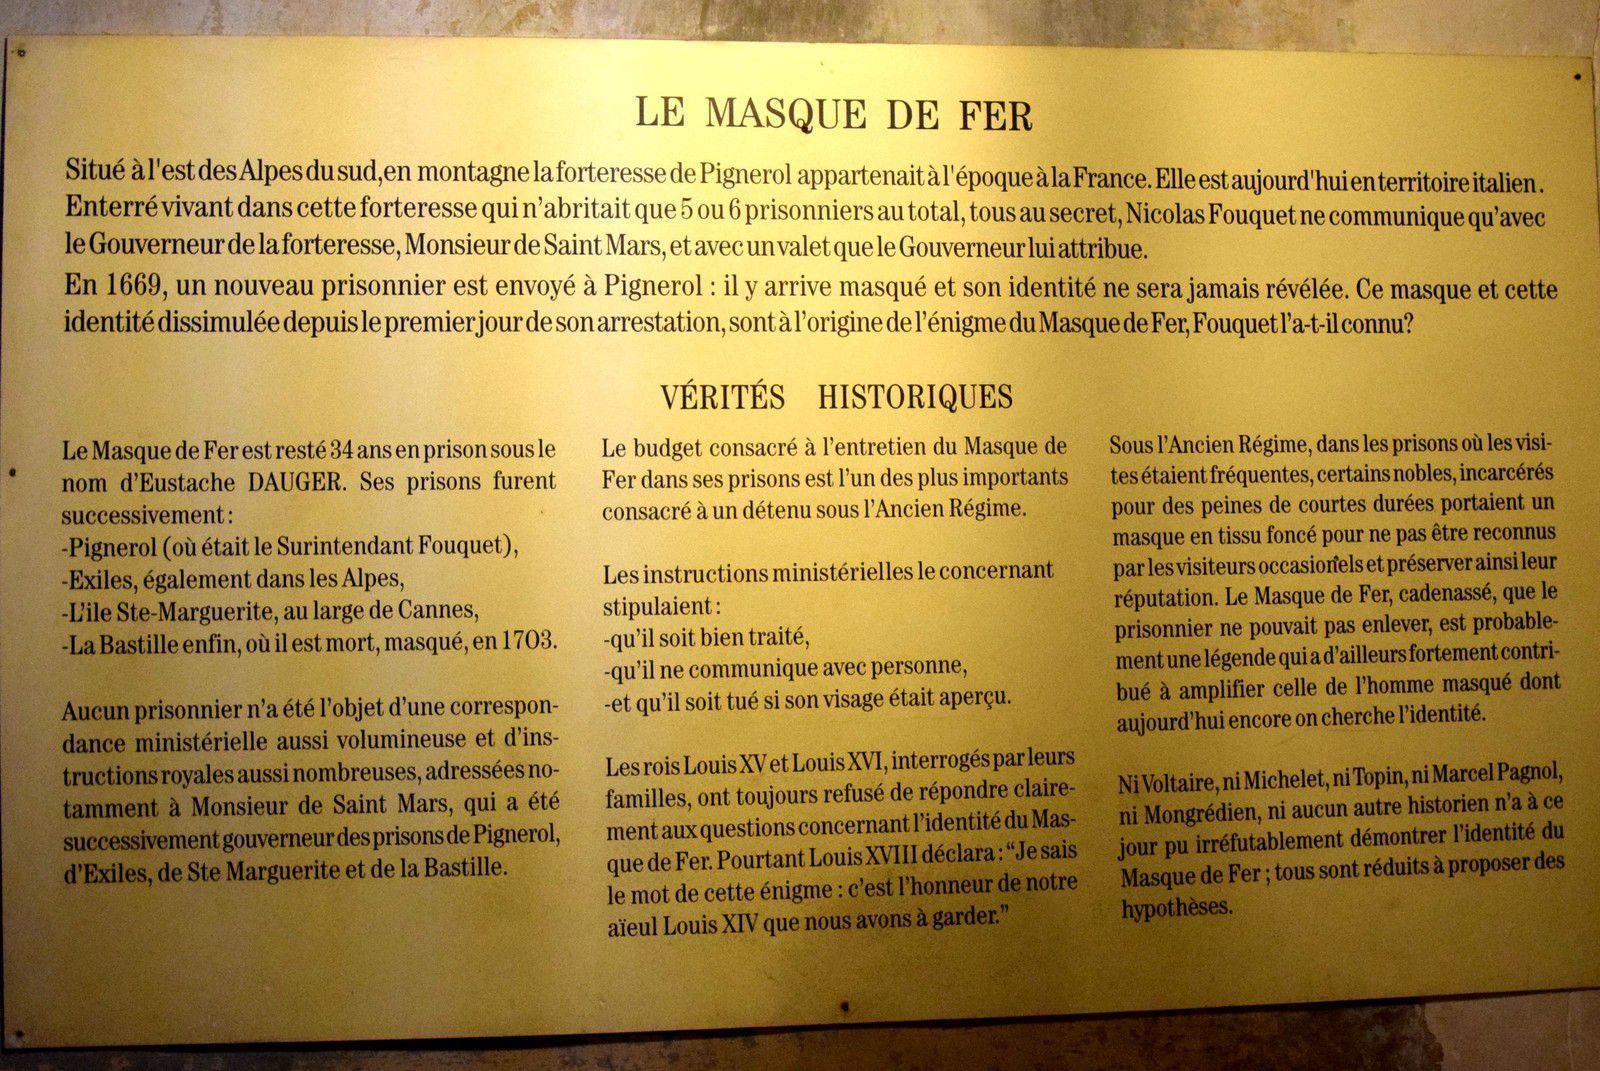 En ballade à Vaux le Vicomte... 4 L'intérieur...deuxième partie.